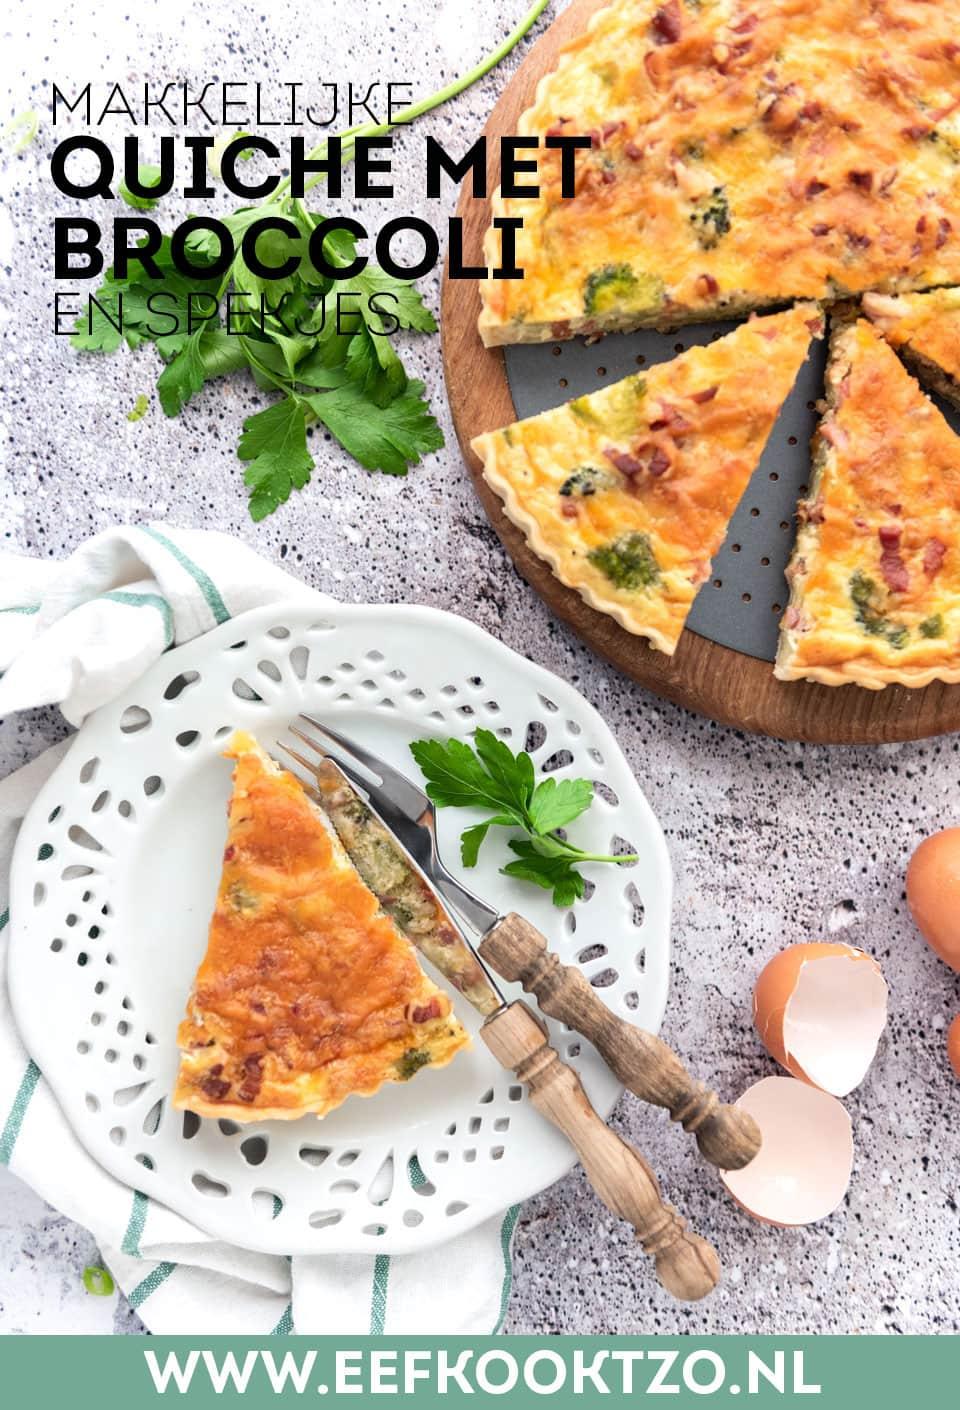 Quiche met broccoli Pinterest collage